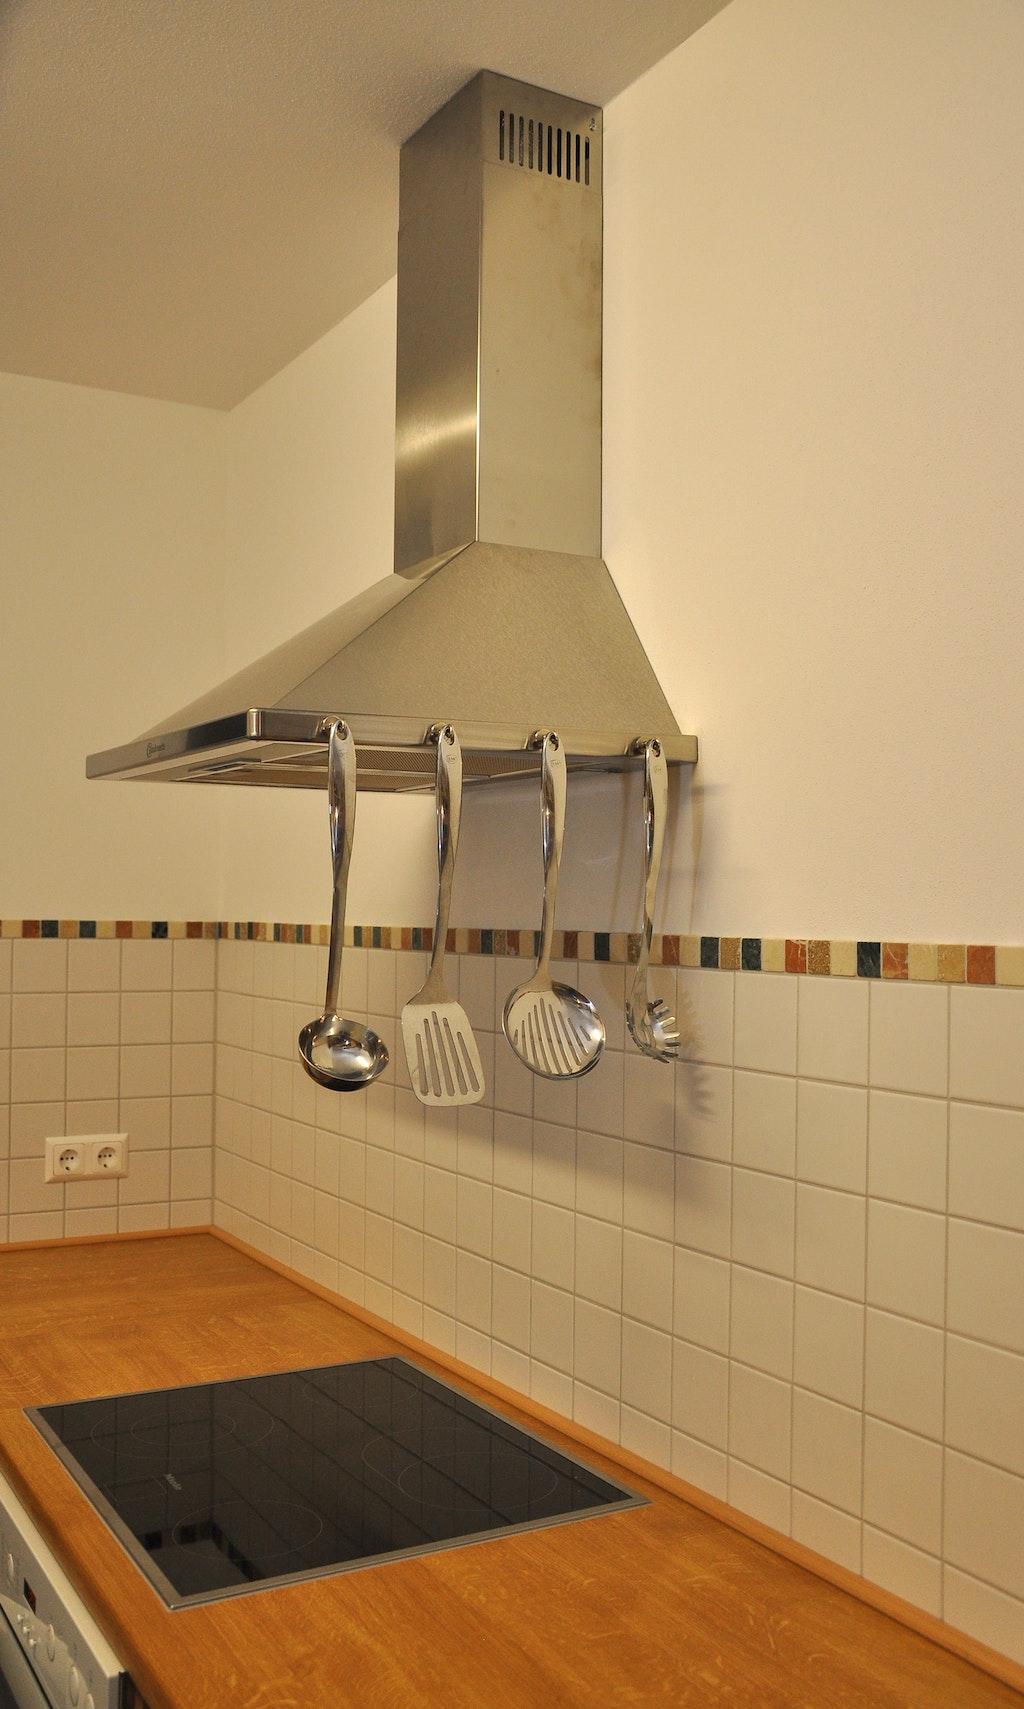 Appendere utensili da cucina applicazioni con i magneti - Stoviglie e utensili da cucina ...